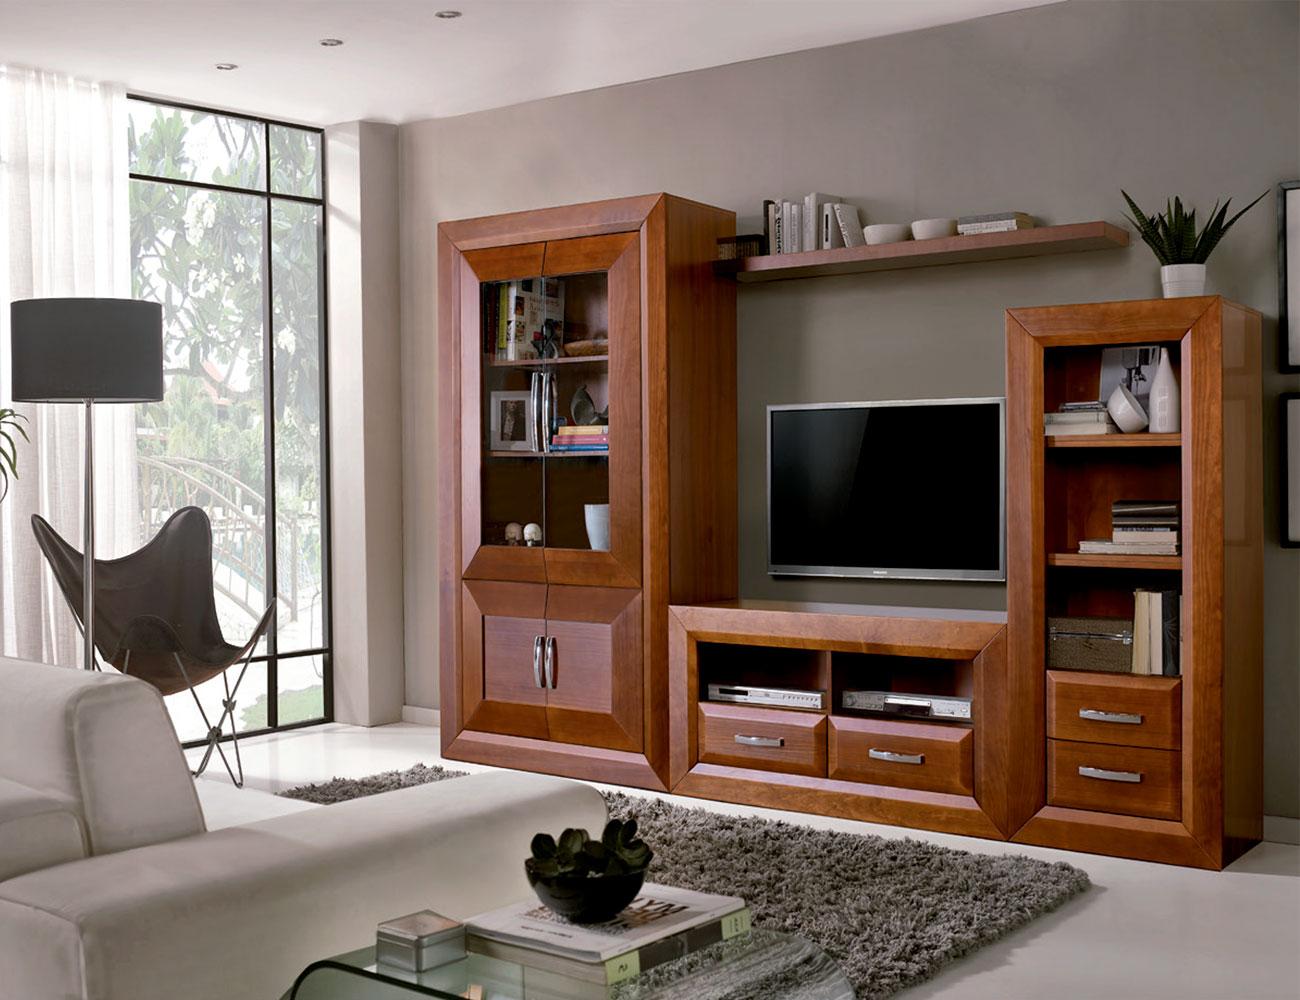 Mueble de sal n comedor con vitrina y librero 16548 - Factory del mueble sevilla ...